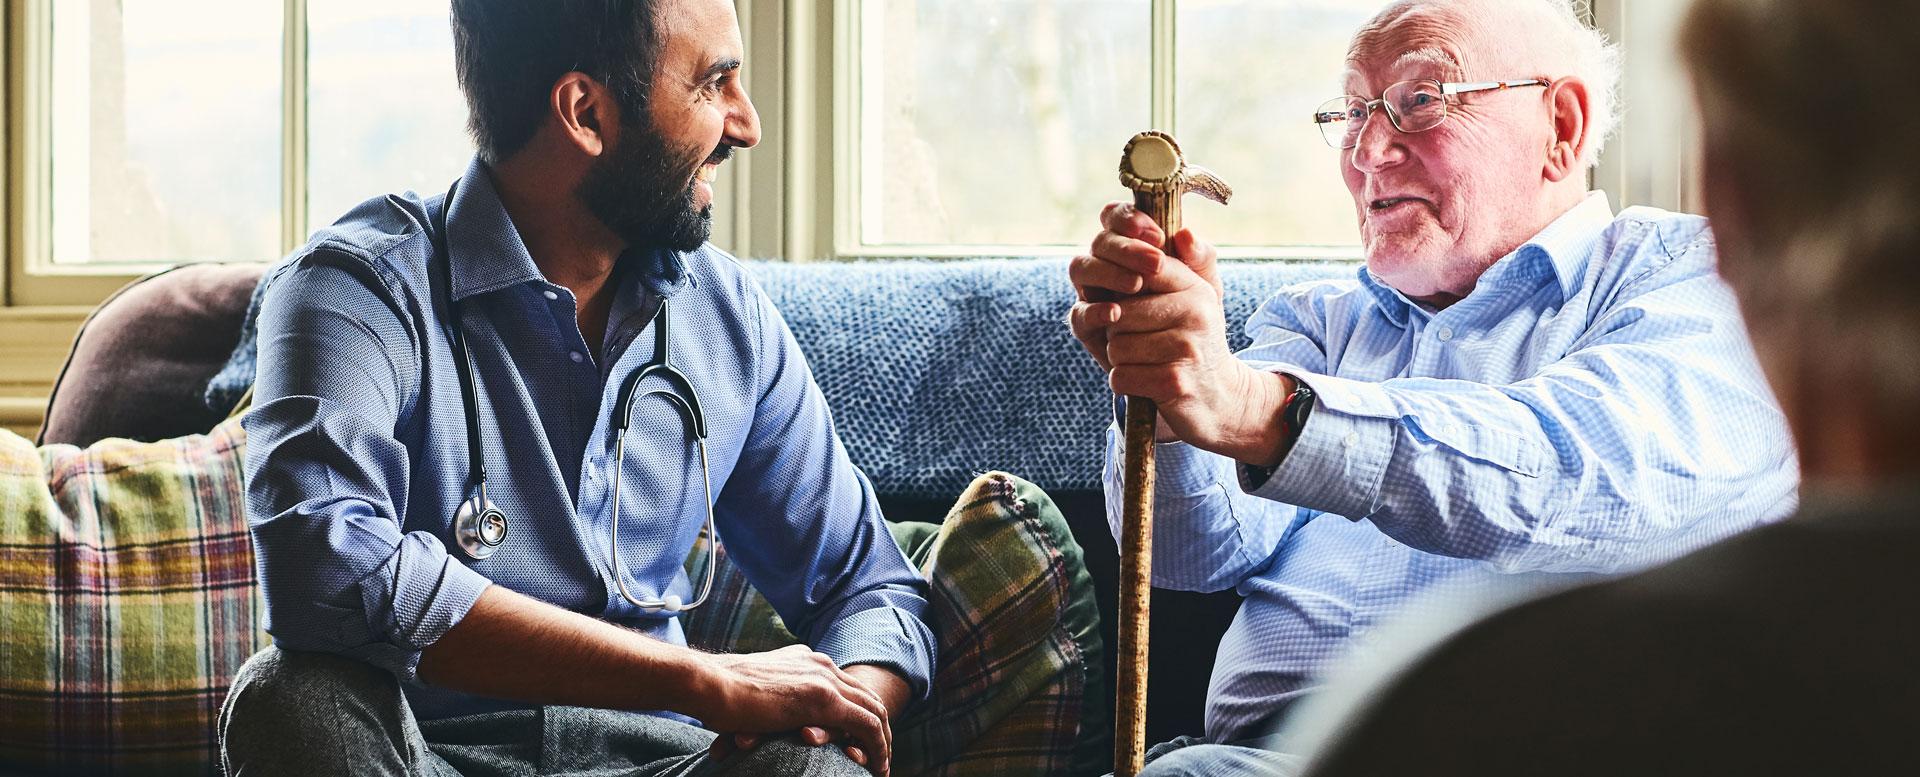 Entlastungsleistungen für Unterstützung im Pflegealltag